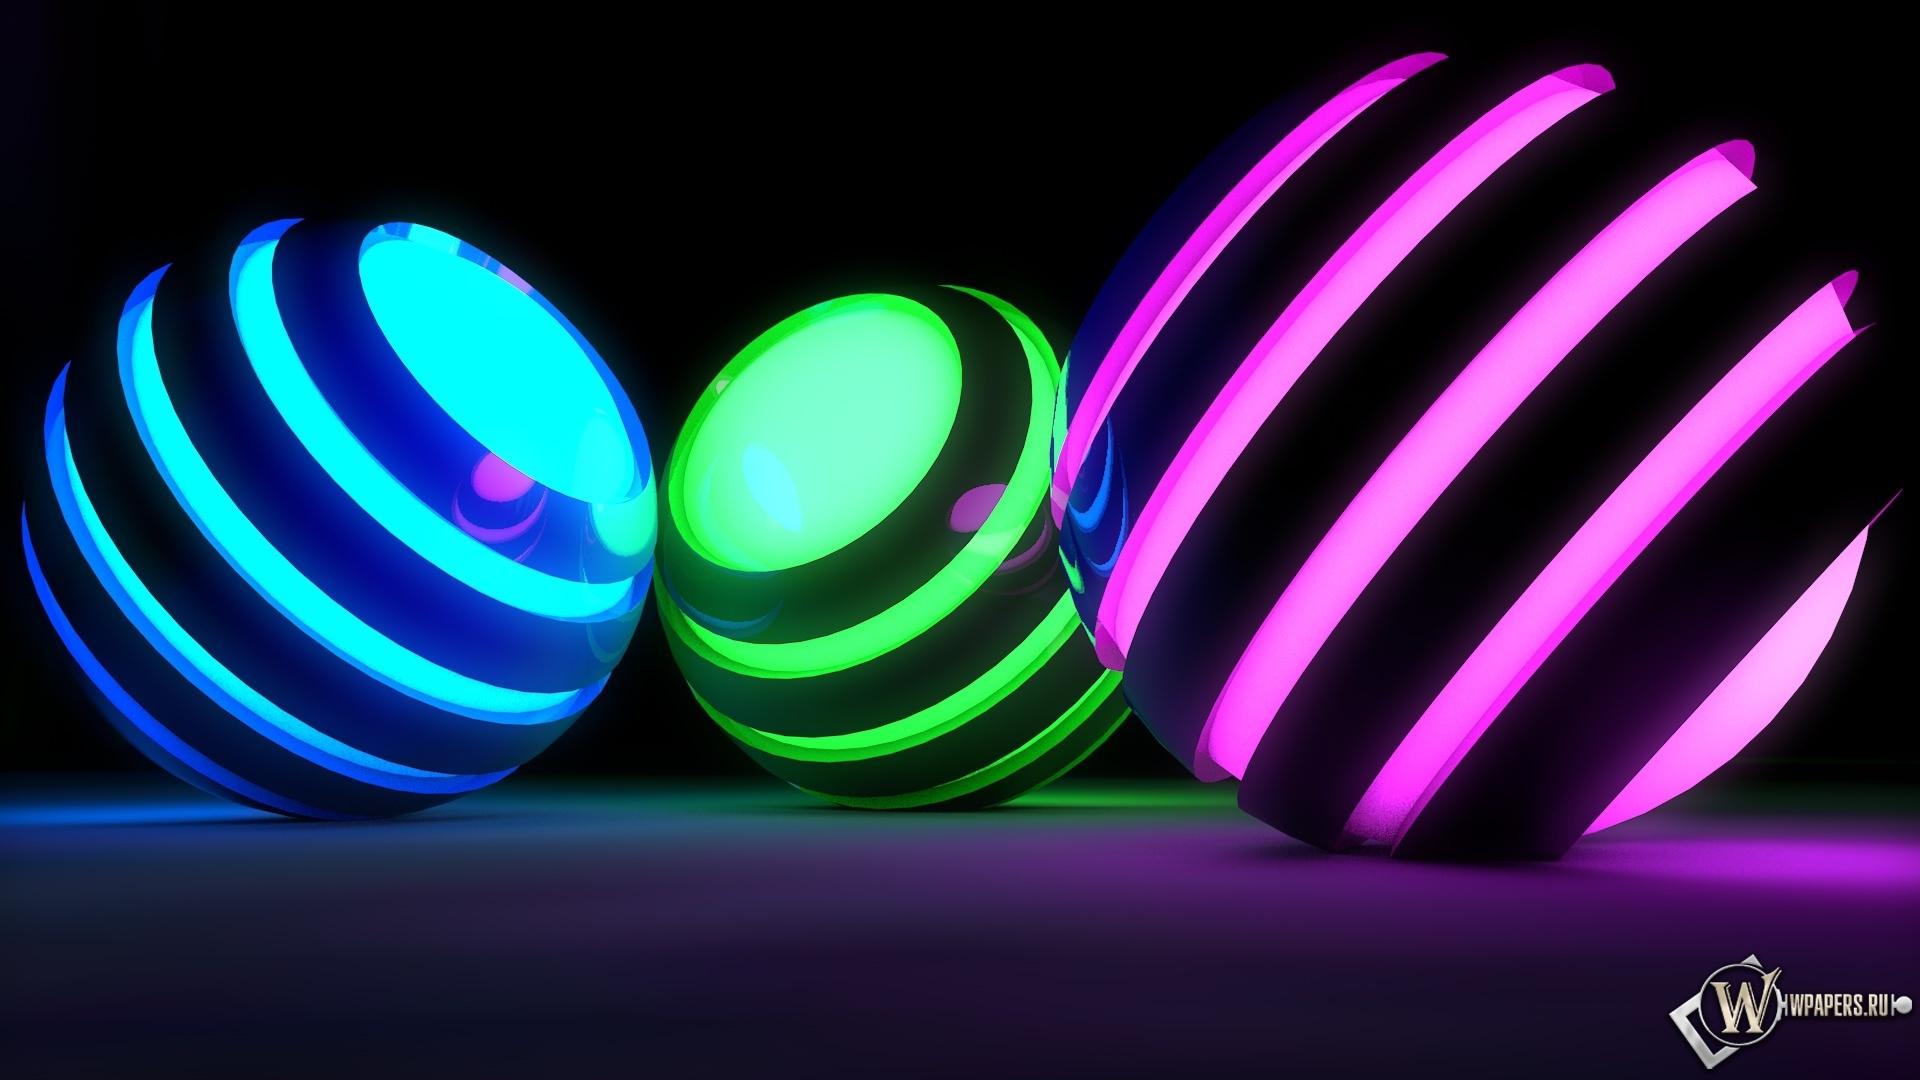 Spheres 1920x1080